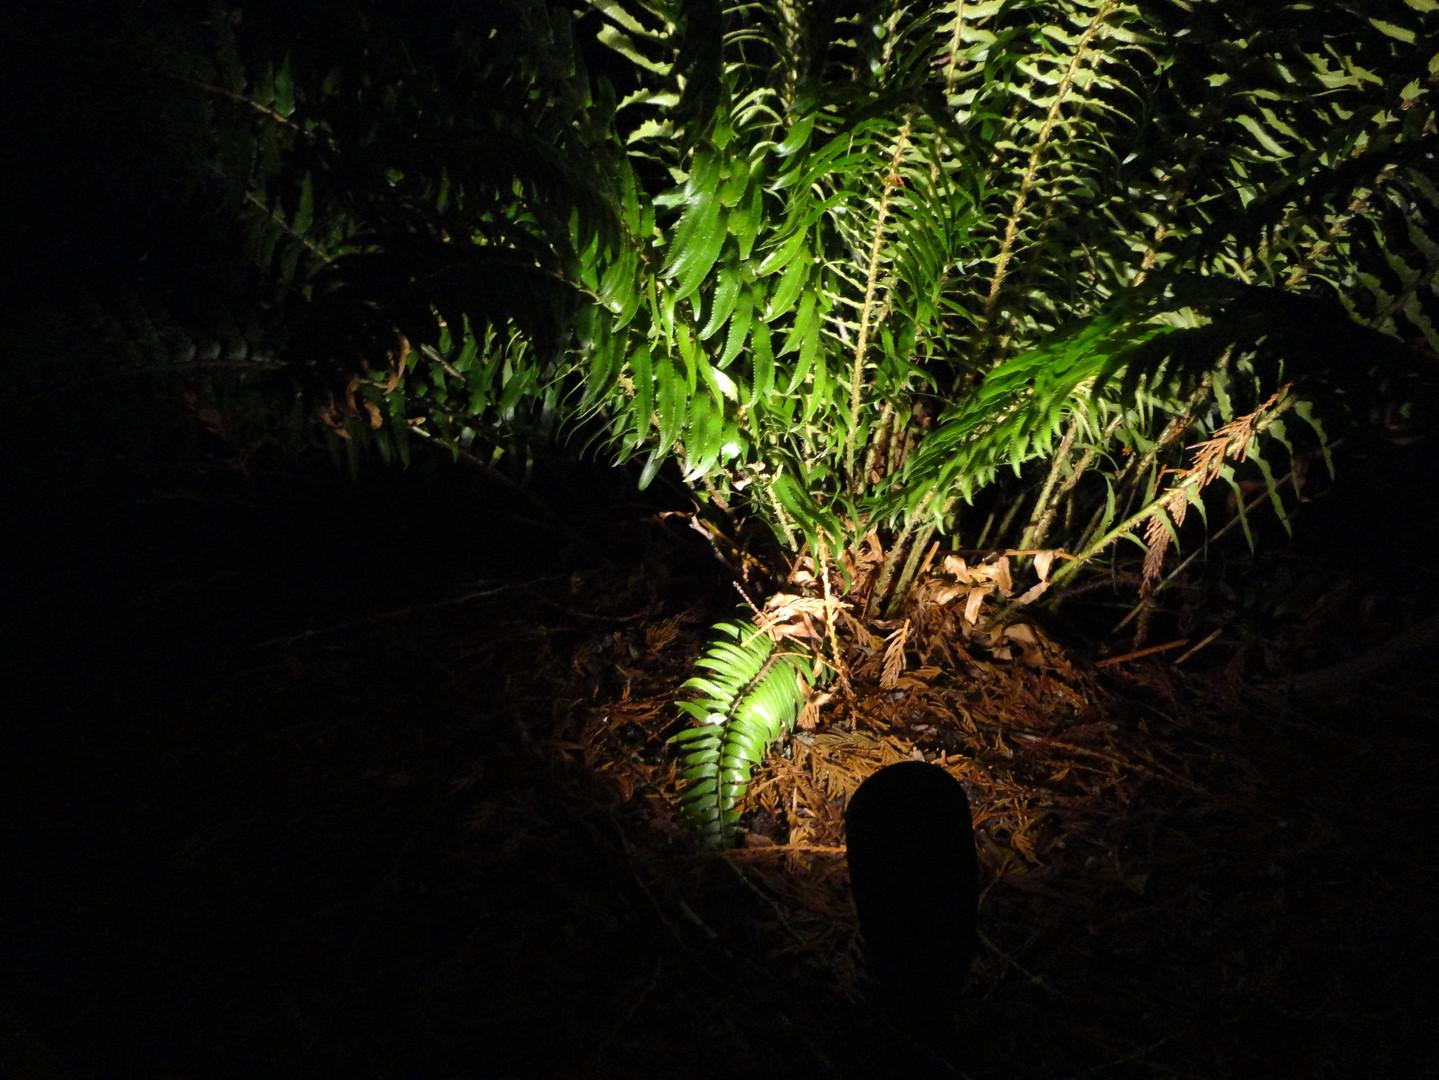 Landscape light shining on a fern